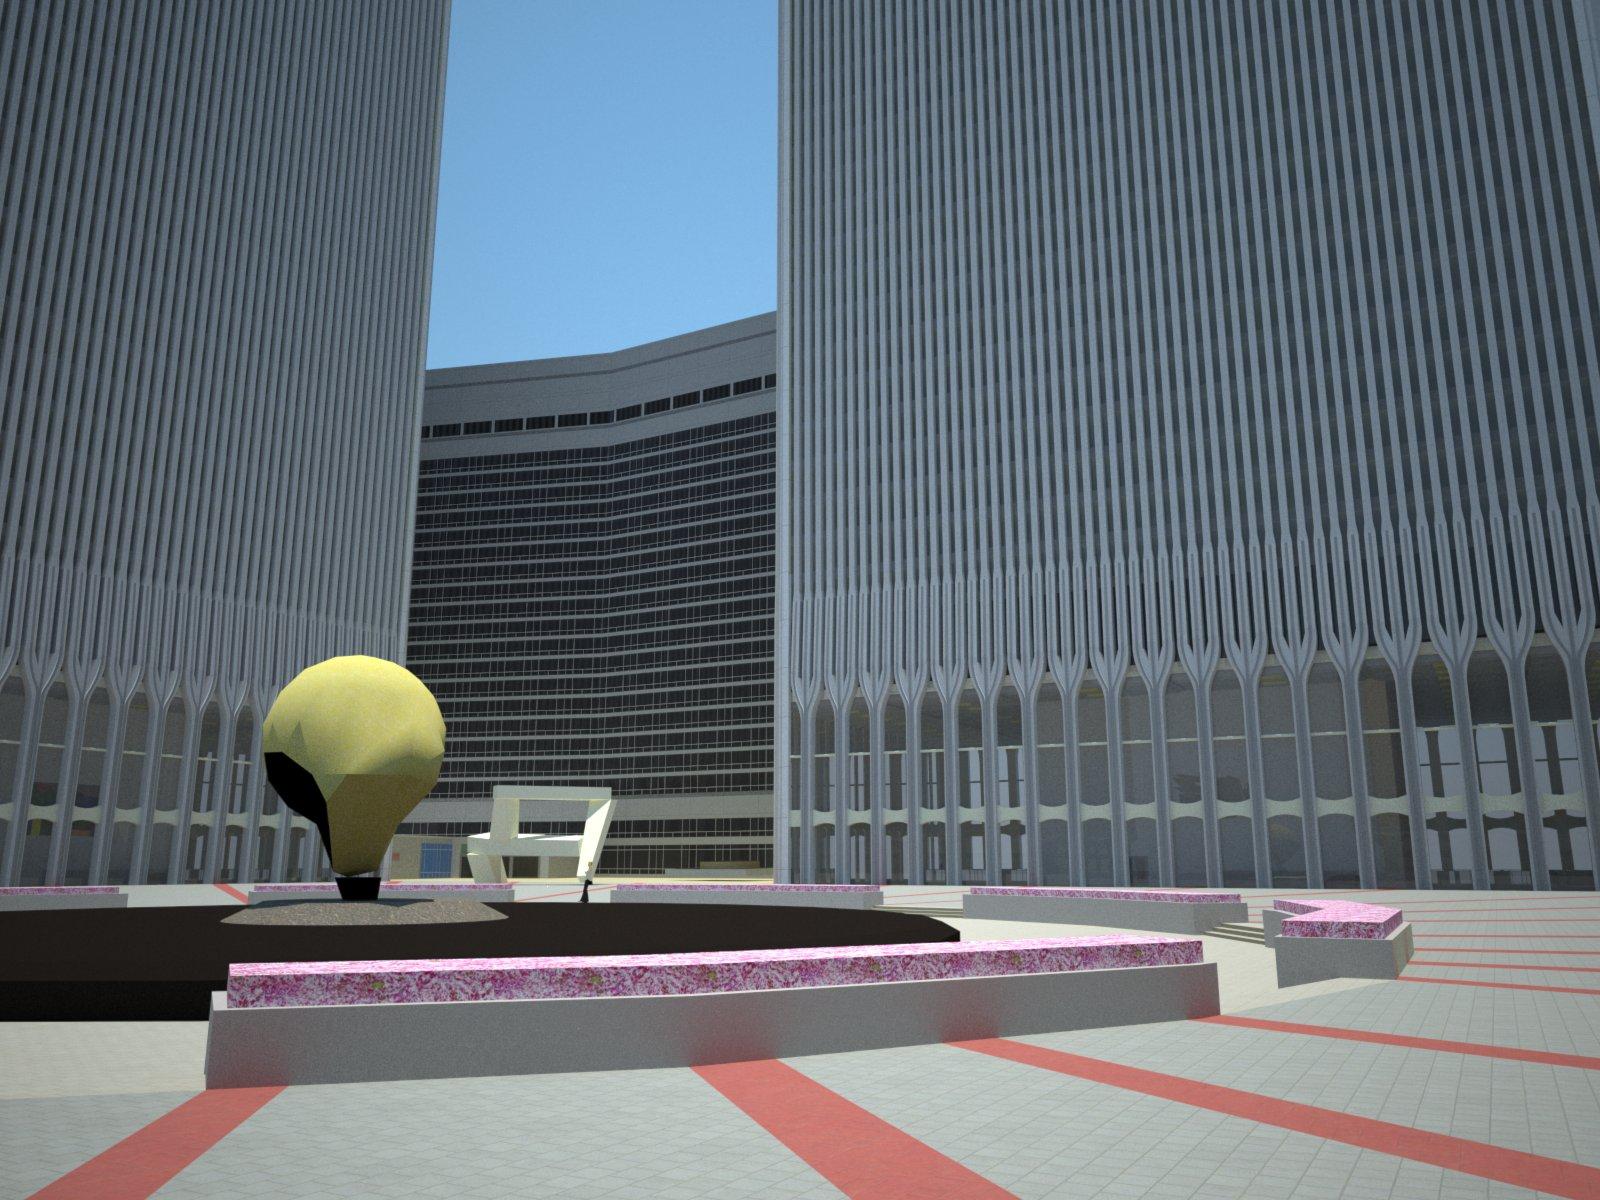 http://4.bp.blogspot.com/-GGwpVO56PSY/TiRMt86fjGI/AAAAAAAAAI4/gkdnL-yox3g/s1600/WTC+plaza+5.jpg